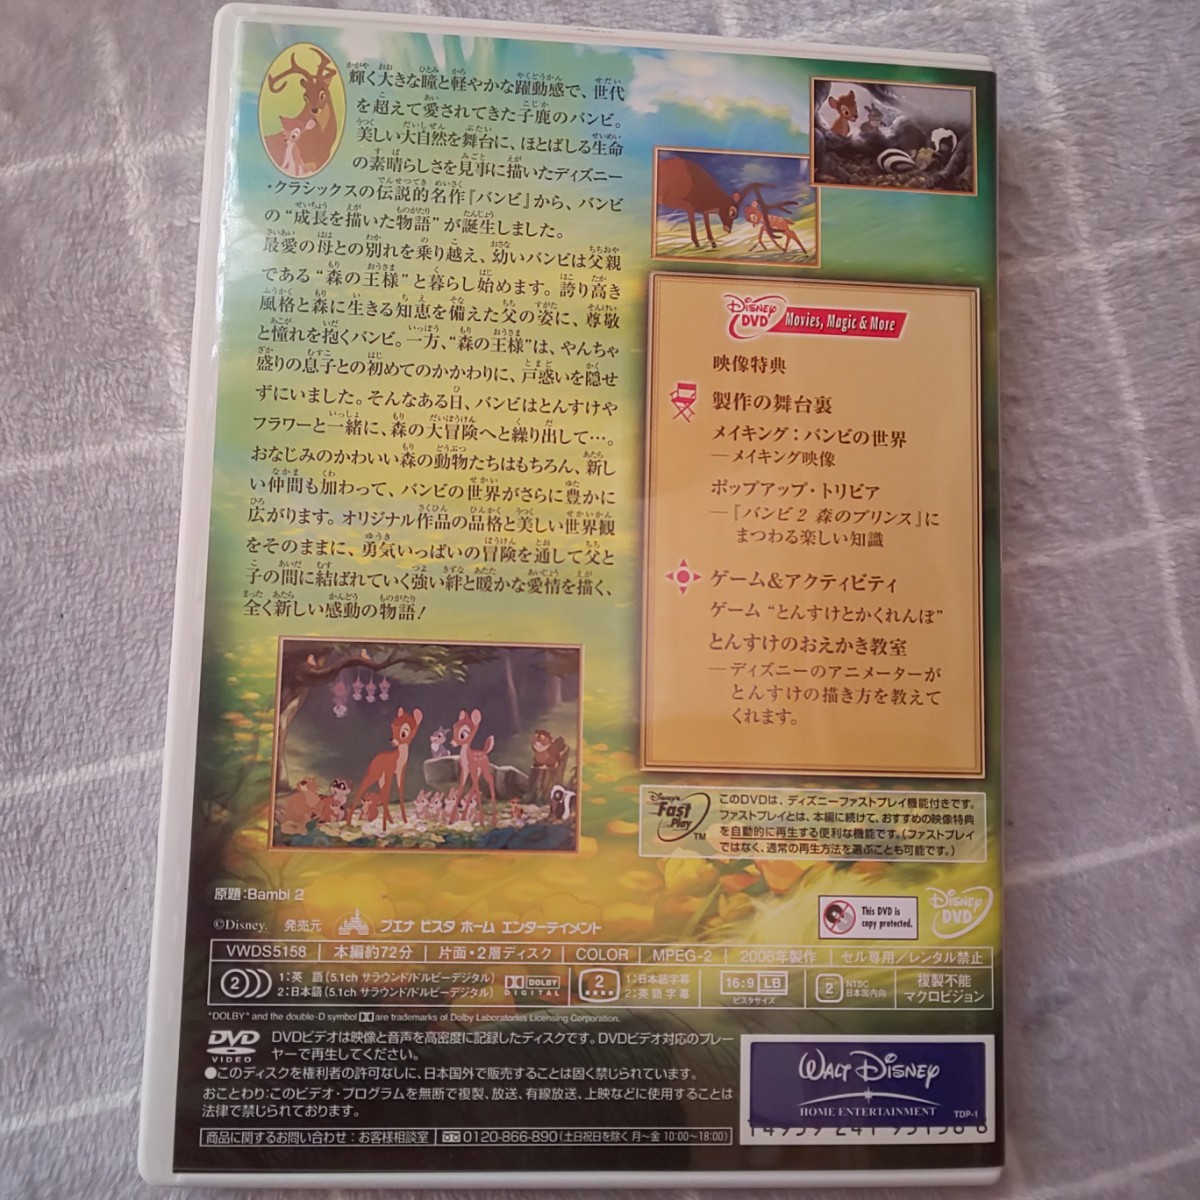 ディズニー DVD バンビ2 森のプリンセス